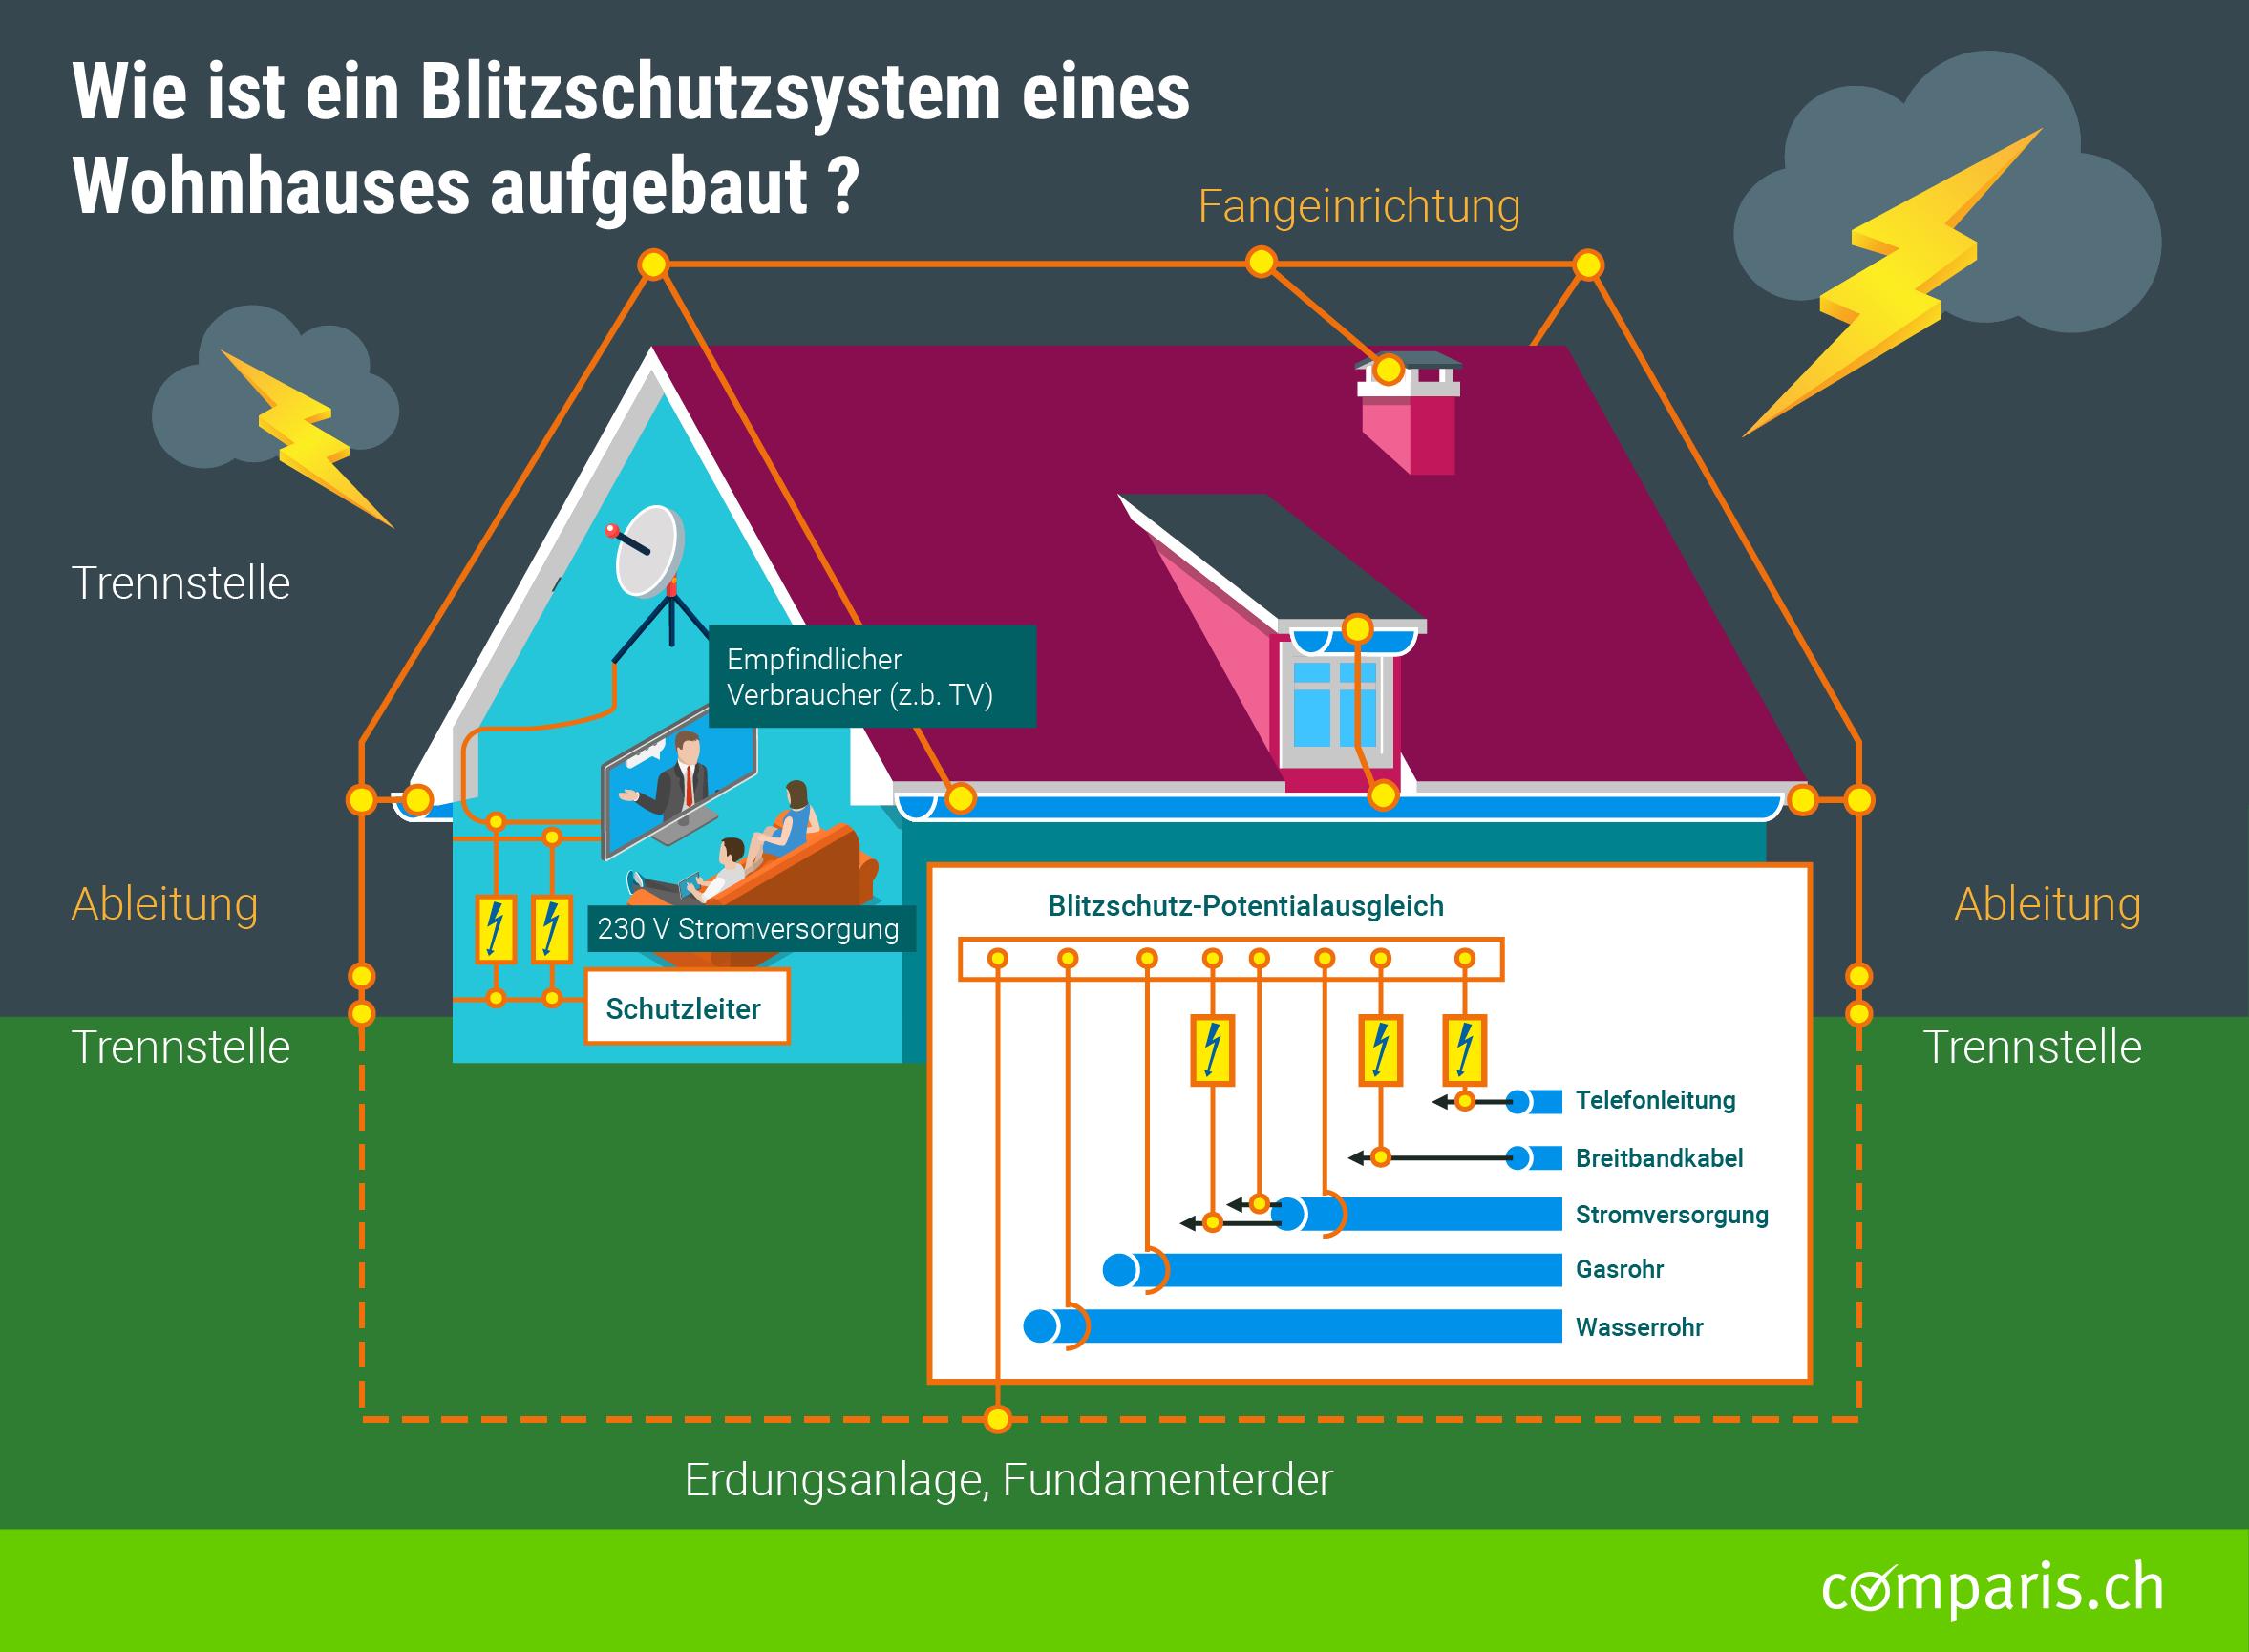 Fabulous Blitzschutzanlage: Wie sie einen Schadensfall vorbeugen können. KC36